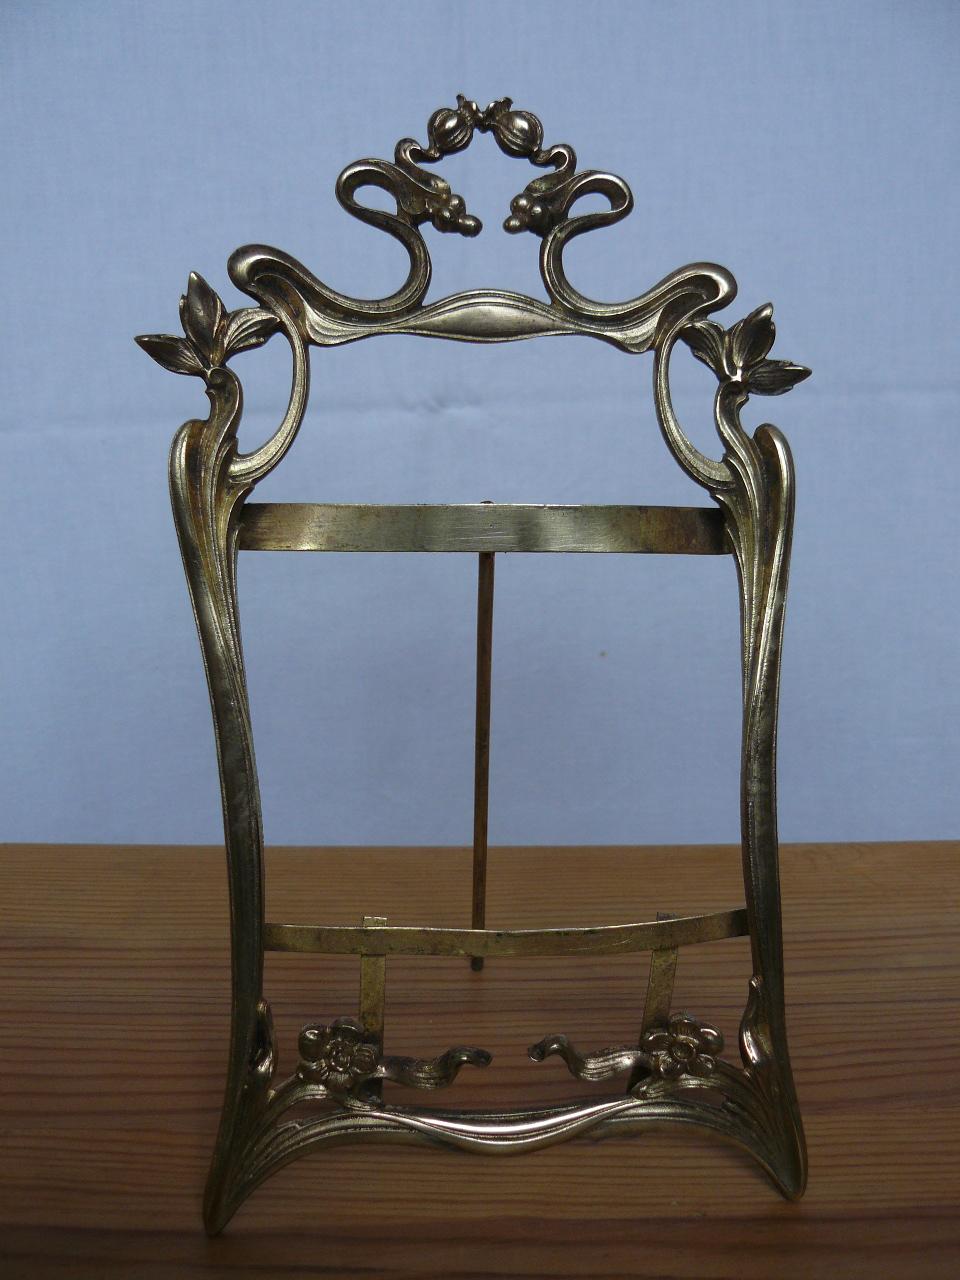 Antik Greef - Möbelrestauration & Antiquitäten